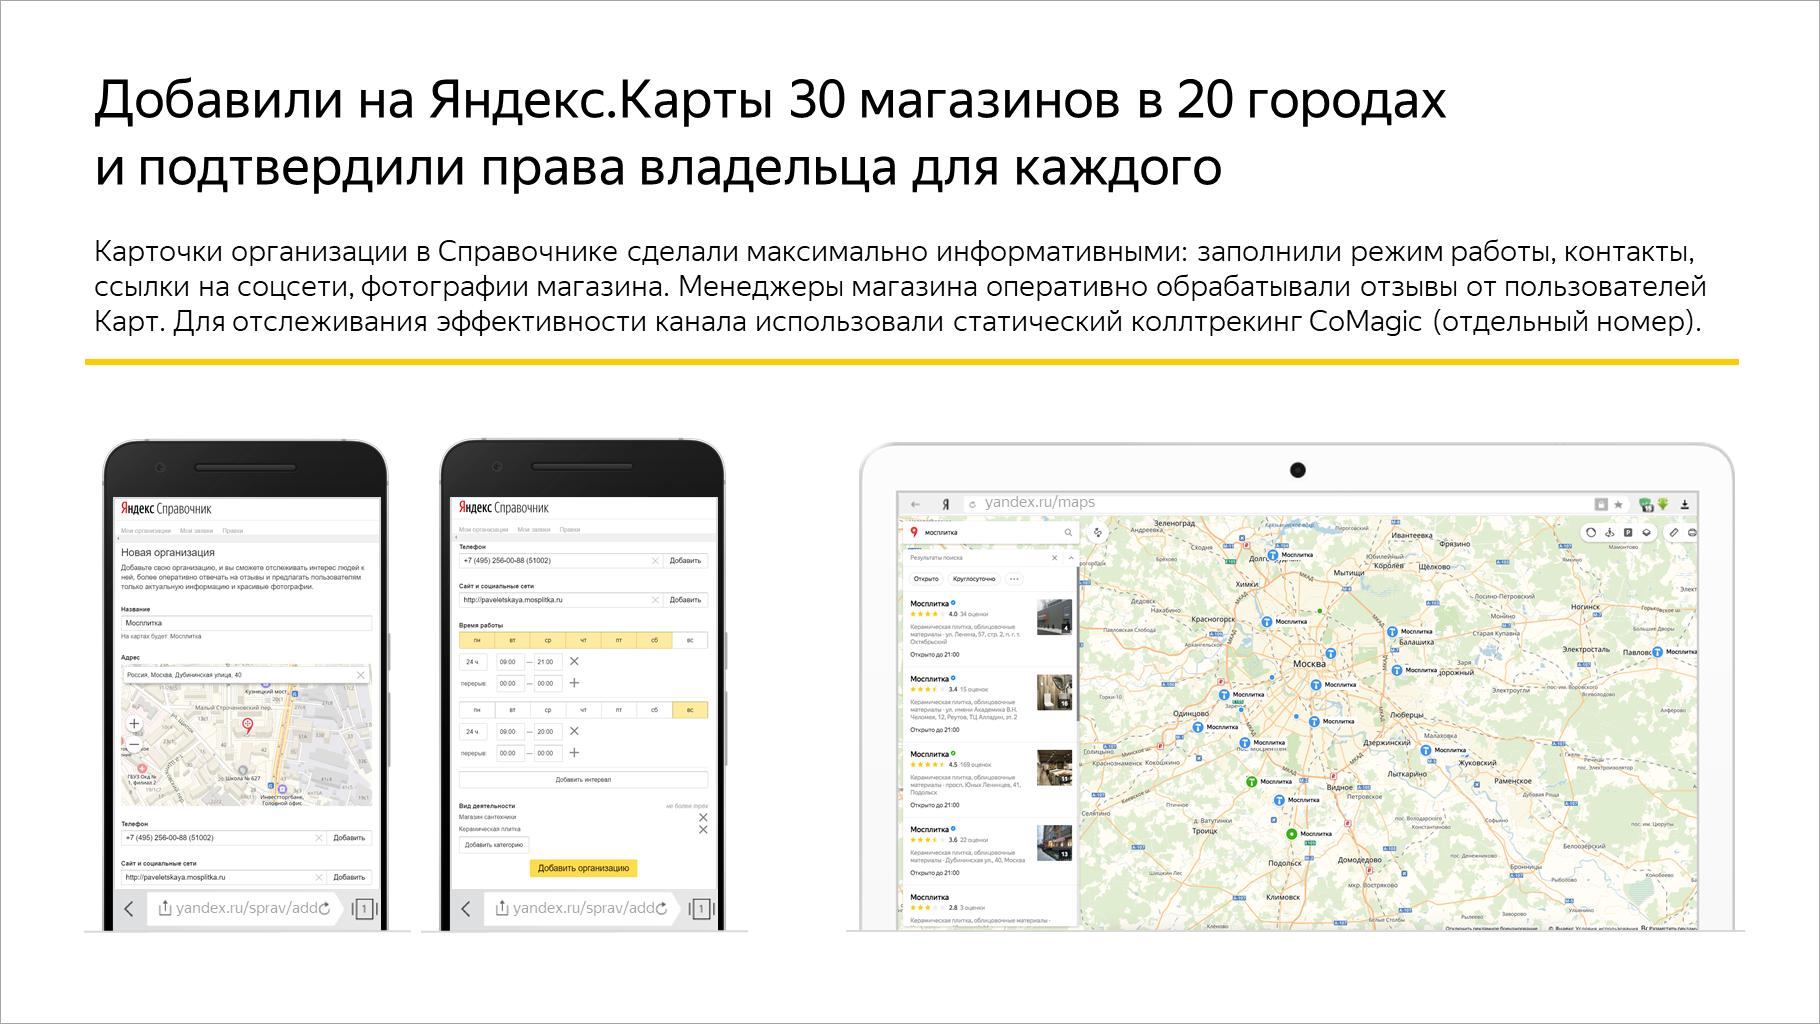 Добавили на Яндекс.Карты 30 магазинов в 20 городах и подтвердили права владельца для каждого